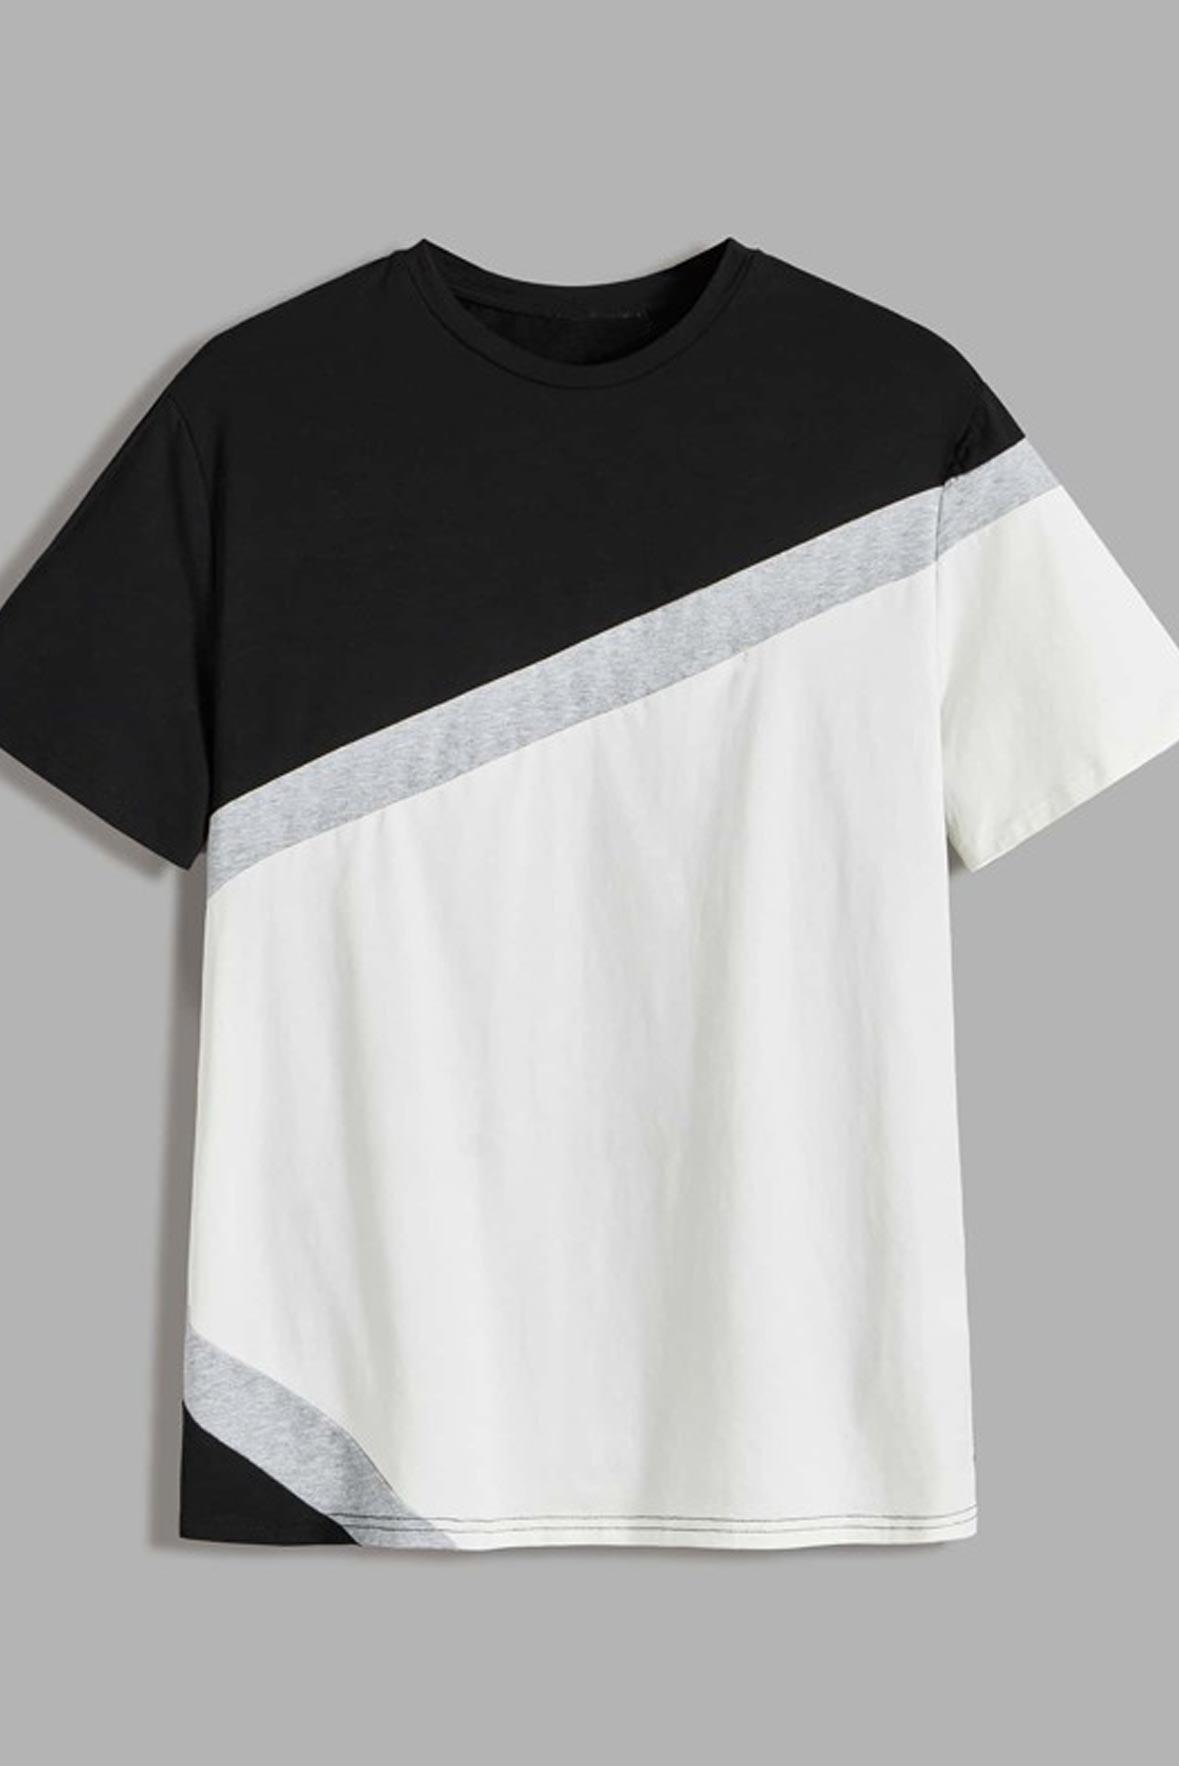 Men-Color-Block-Short-Sleeve-Tee-1